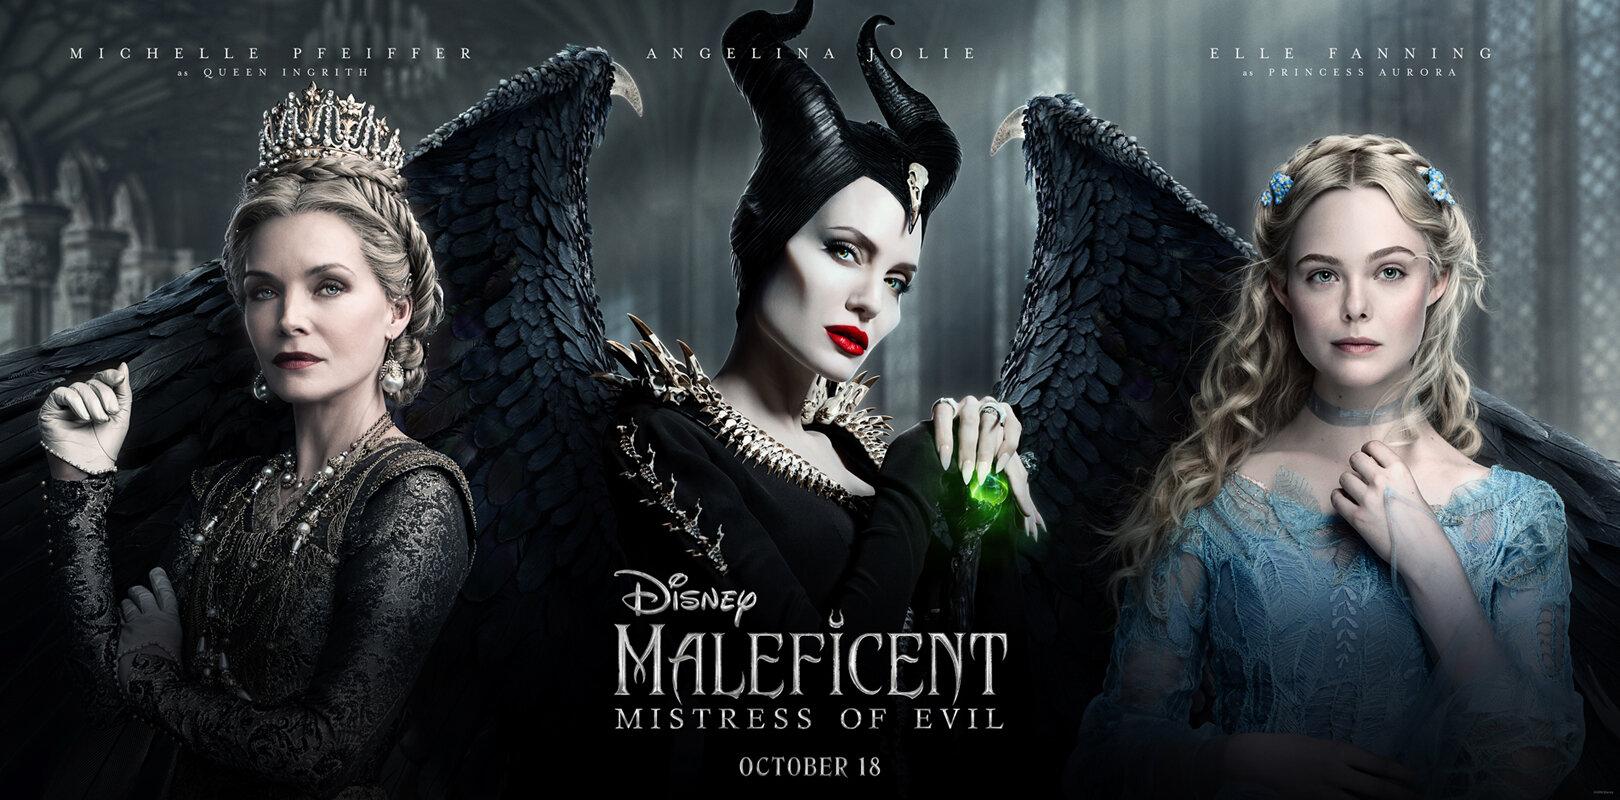 Maleficent25cdde1c9511a6.jpg